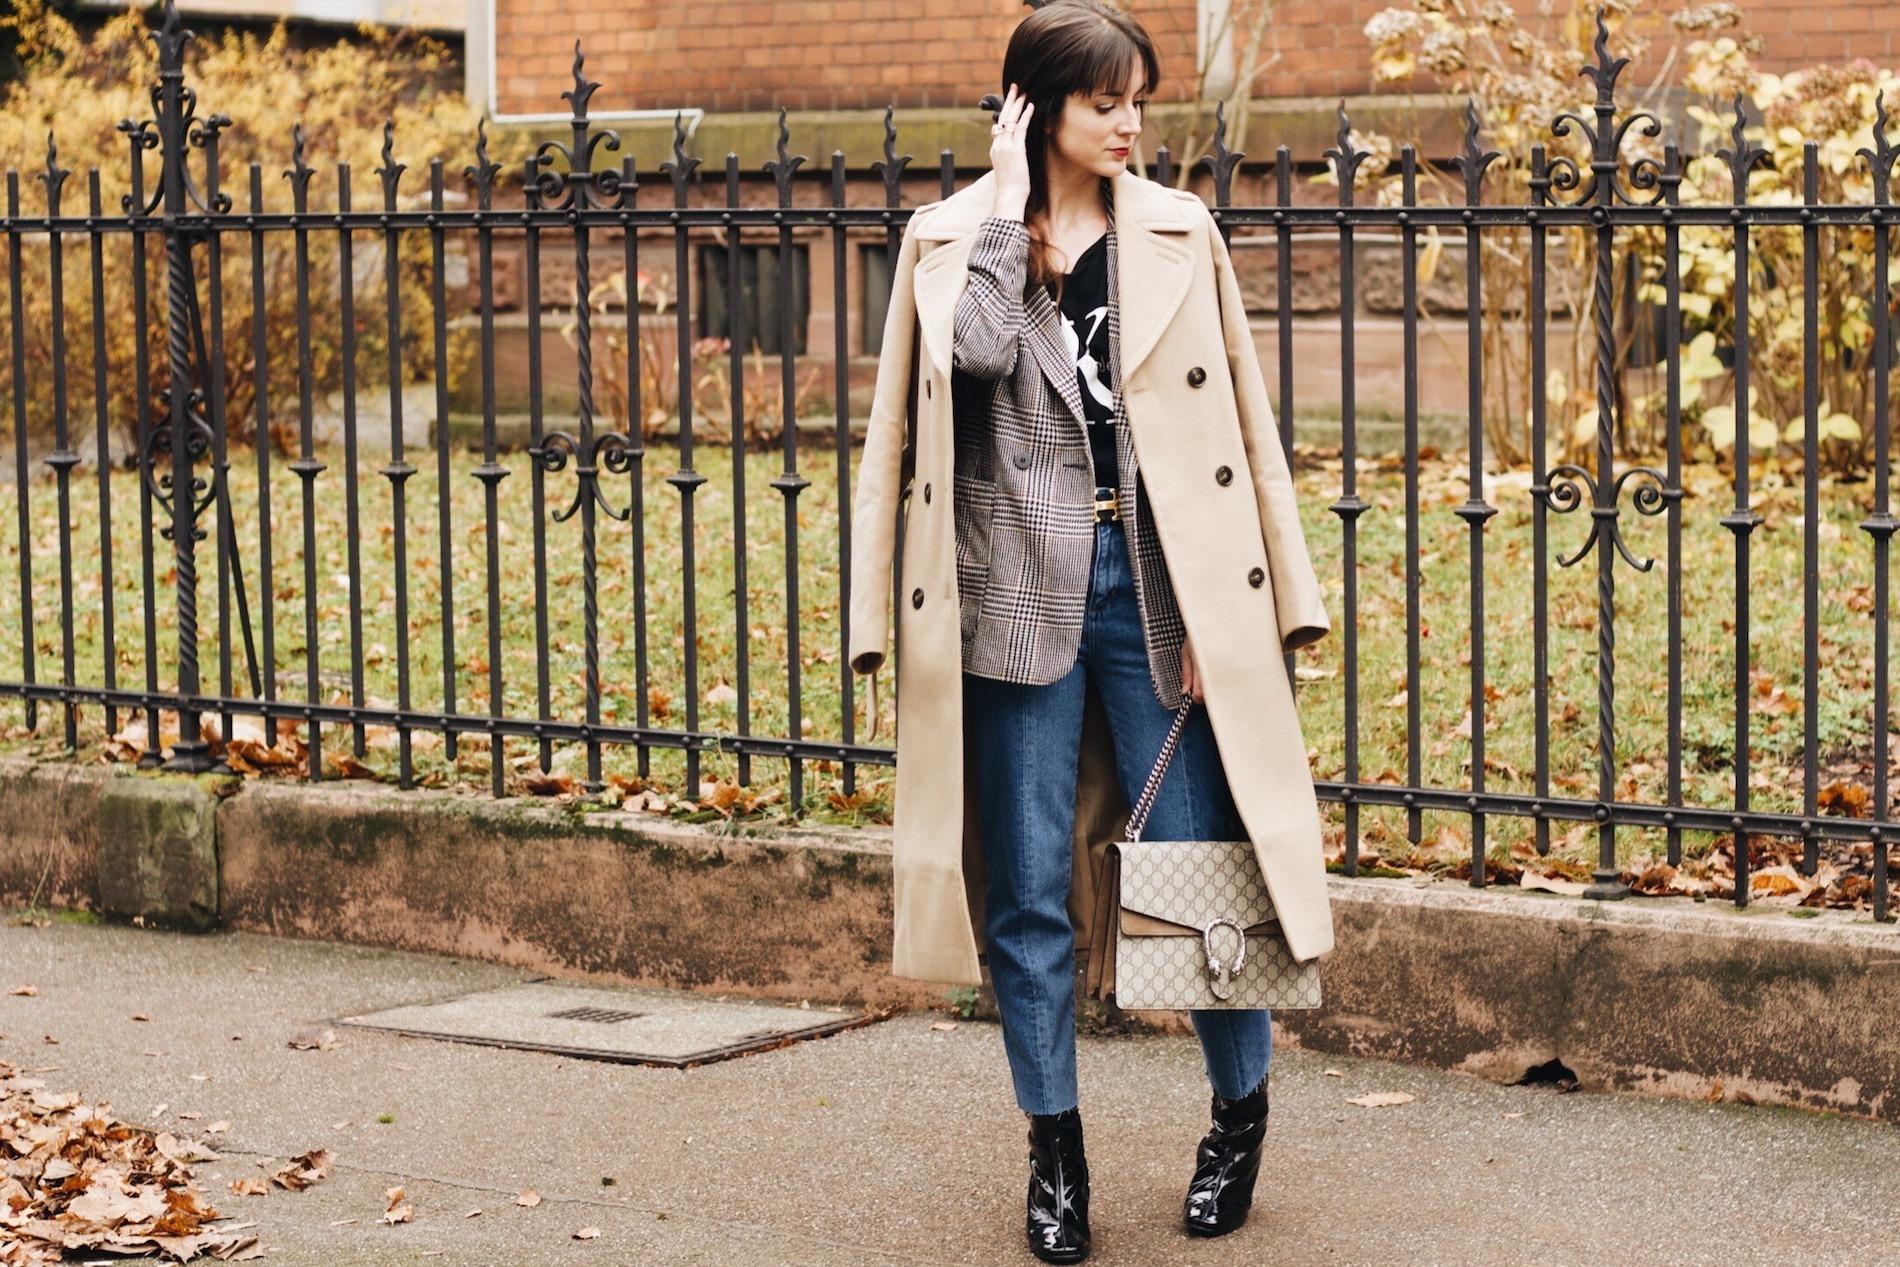 Modetrend Camelcoat auf meinem Modeblog kombiniert mit Lack Stiefeletten und Gucci Dionysus Bag